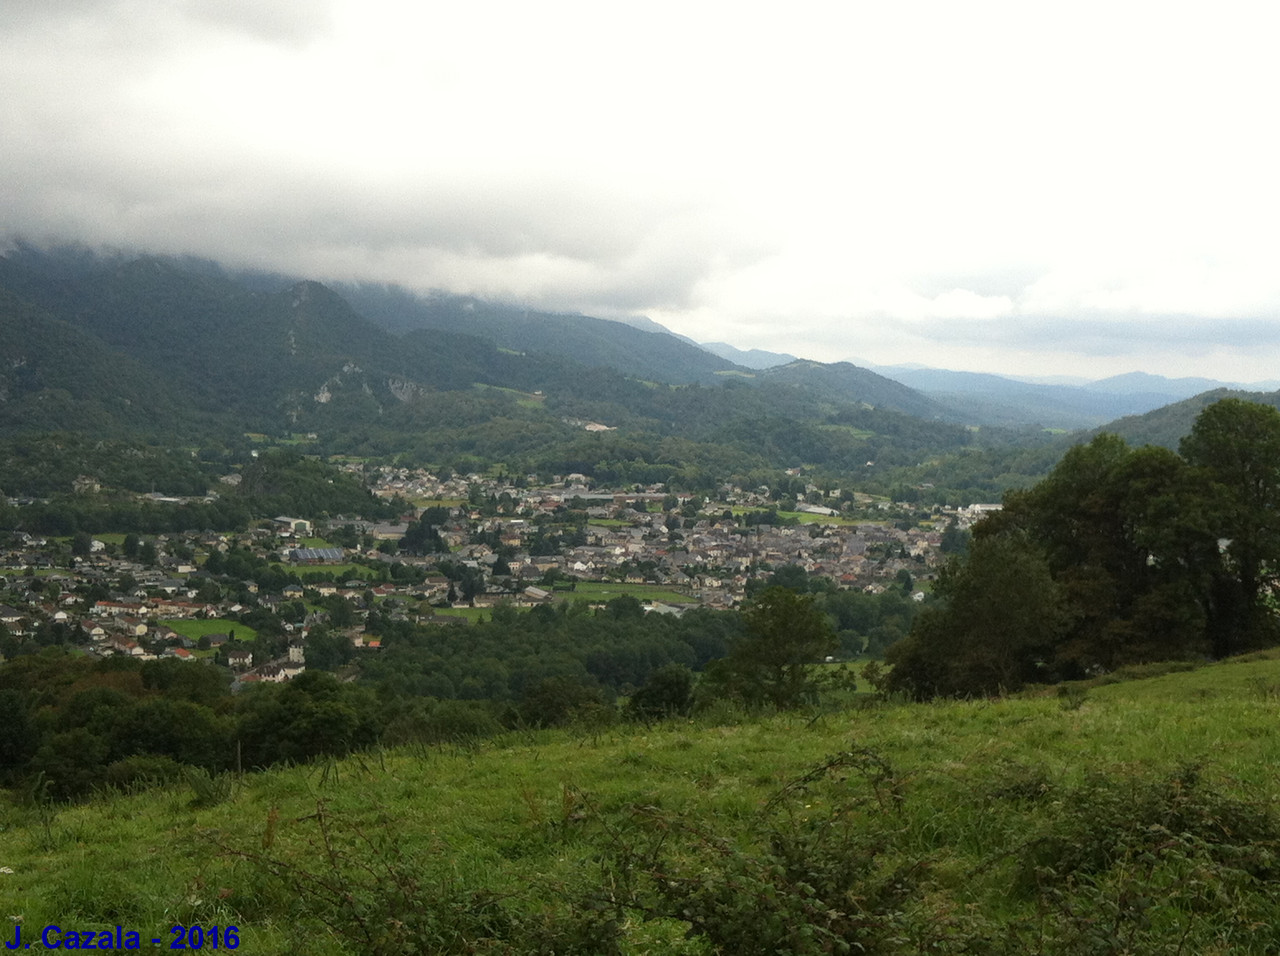 Vue sur la vallée depuis la randonnée